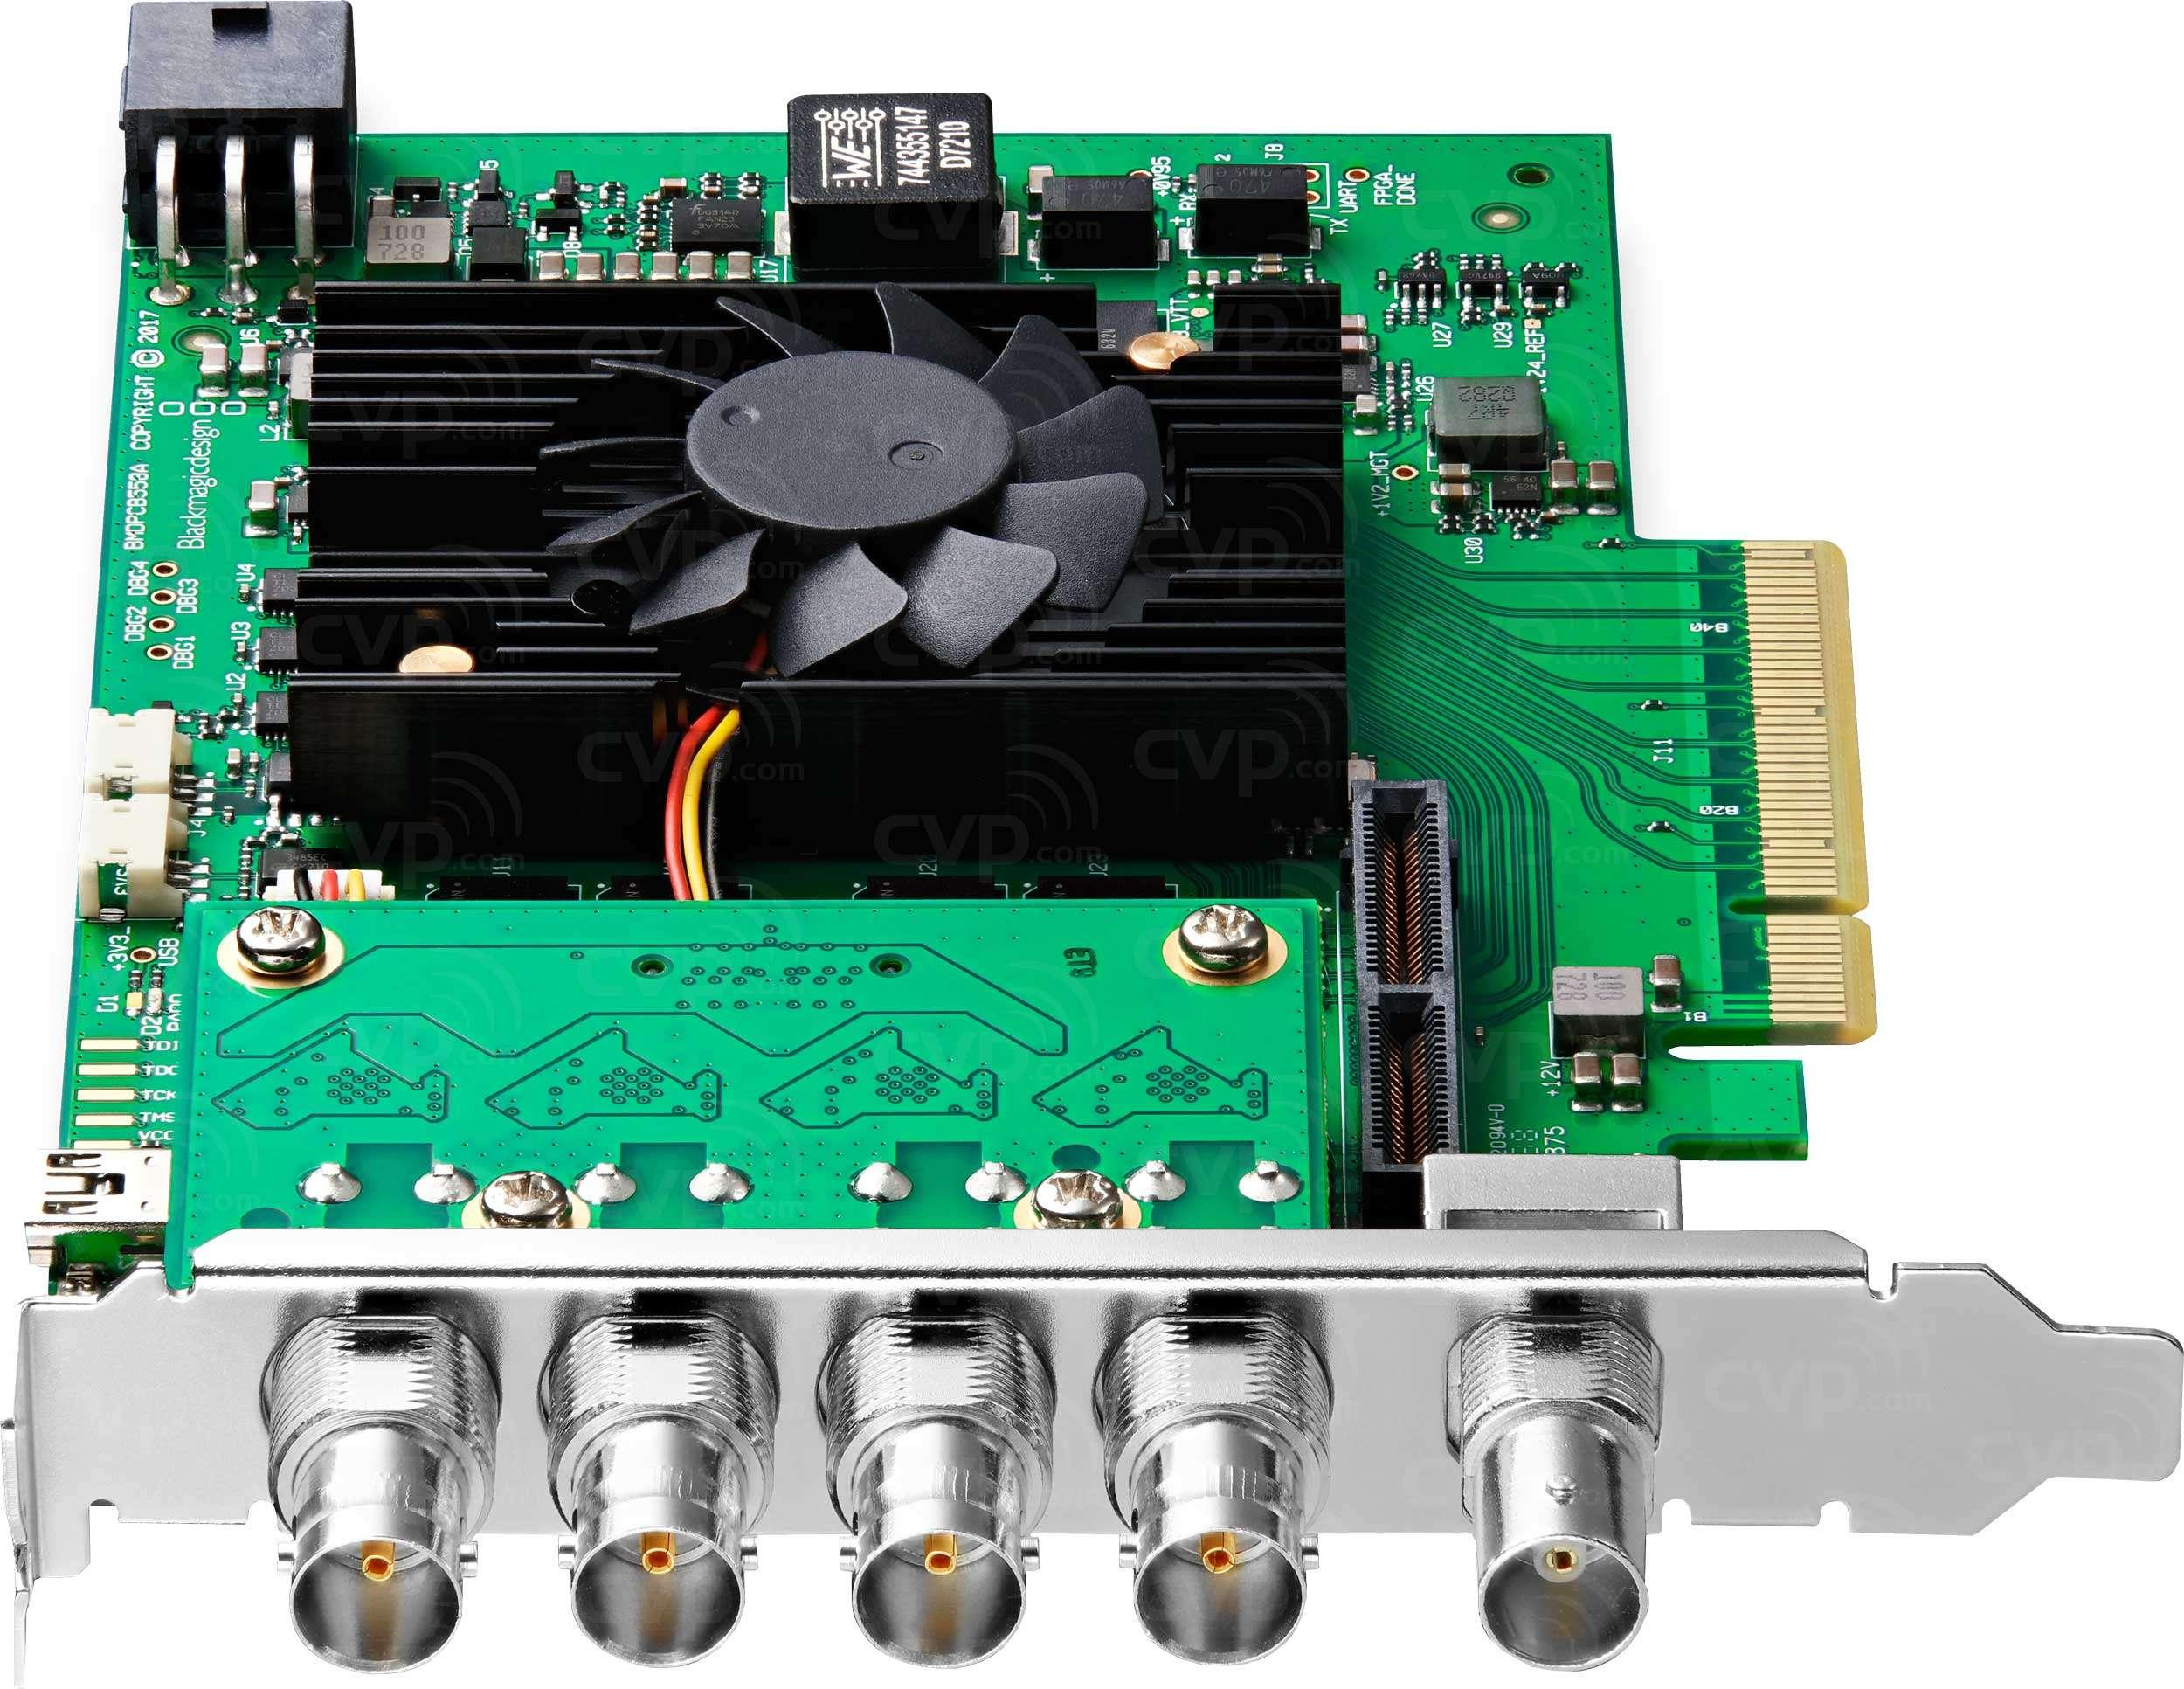 Buy Blackmagic Design Decklink 8k Pro Digital Cinema Capture Card With Quad Link 12g Sdi P N Bmd Bdlkhcpro8k12g